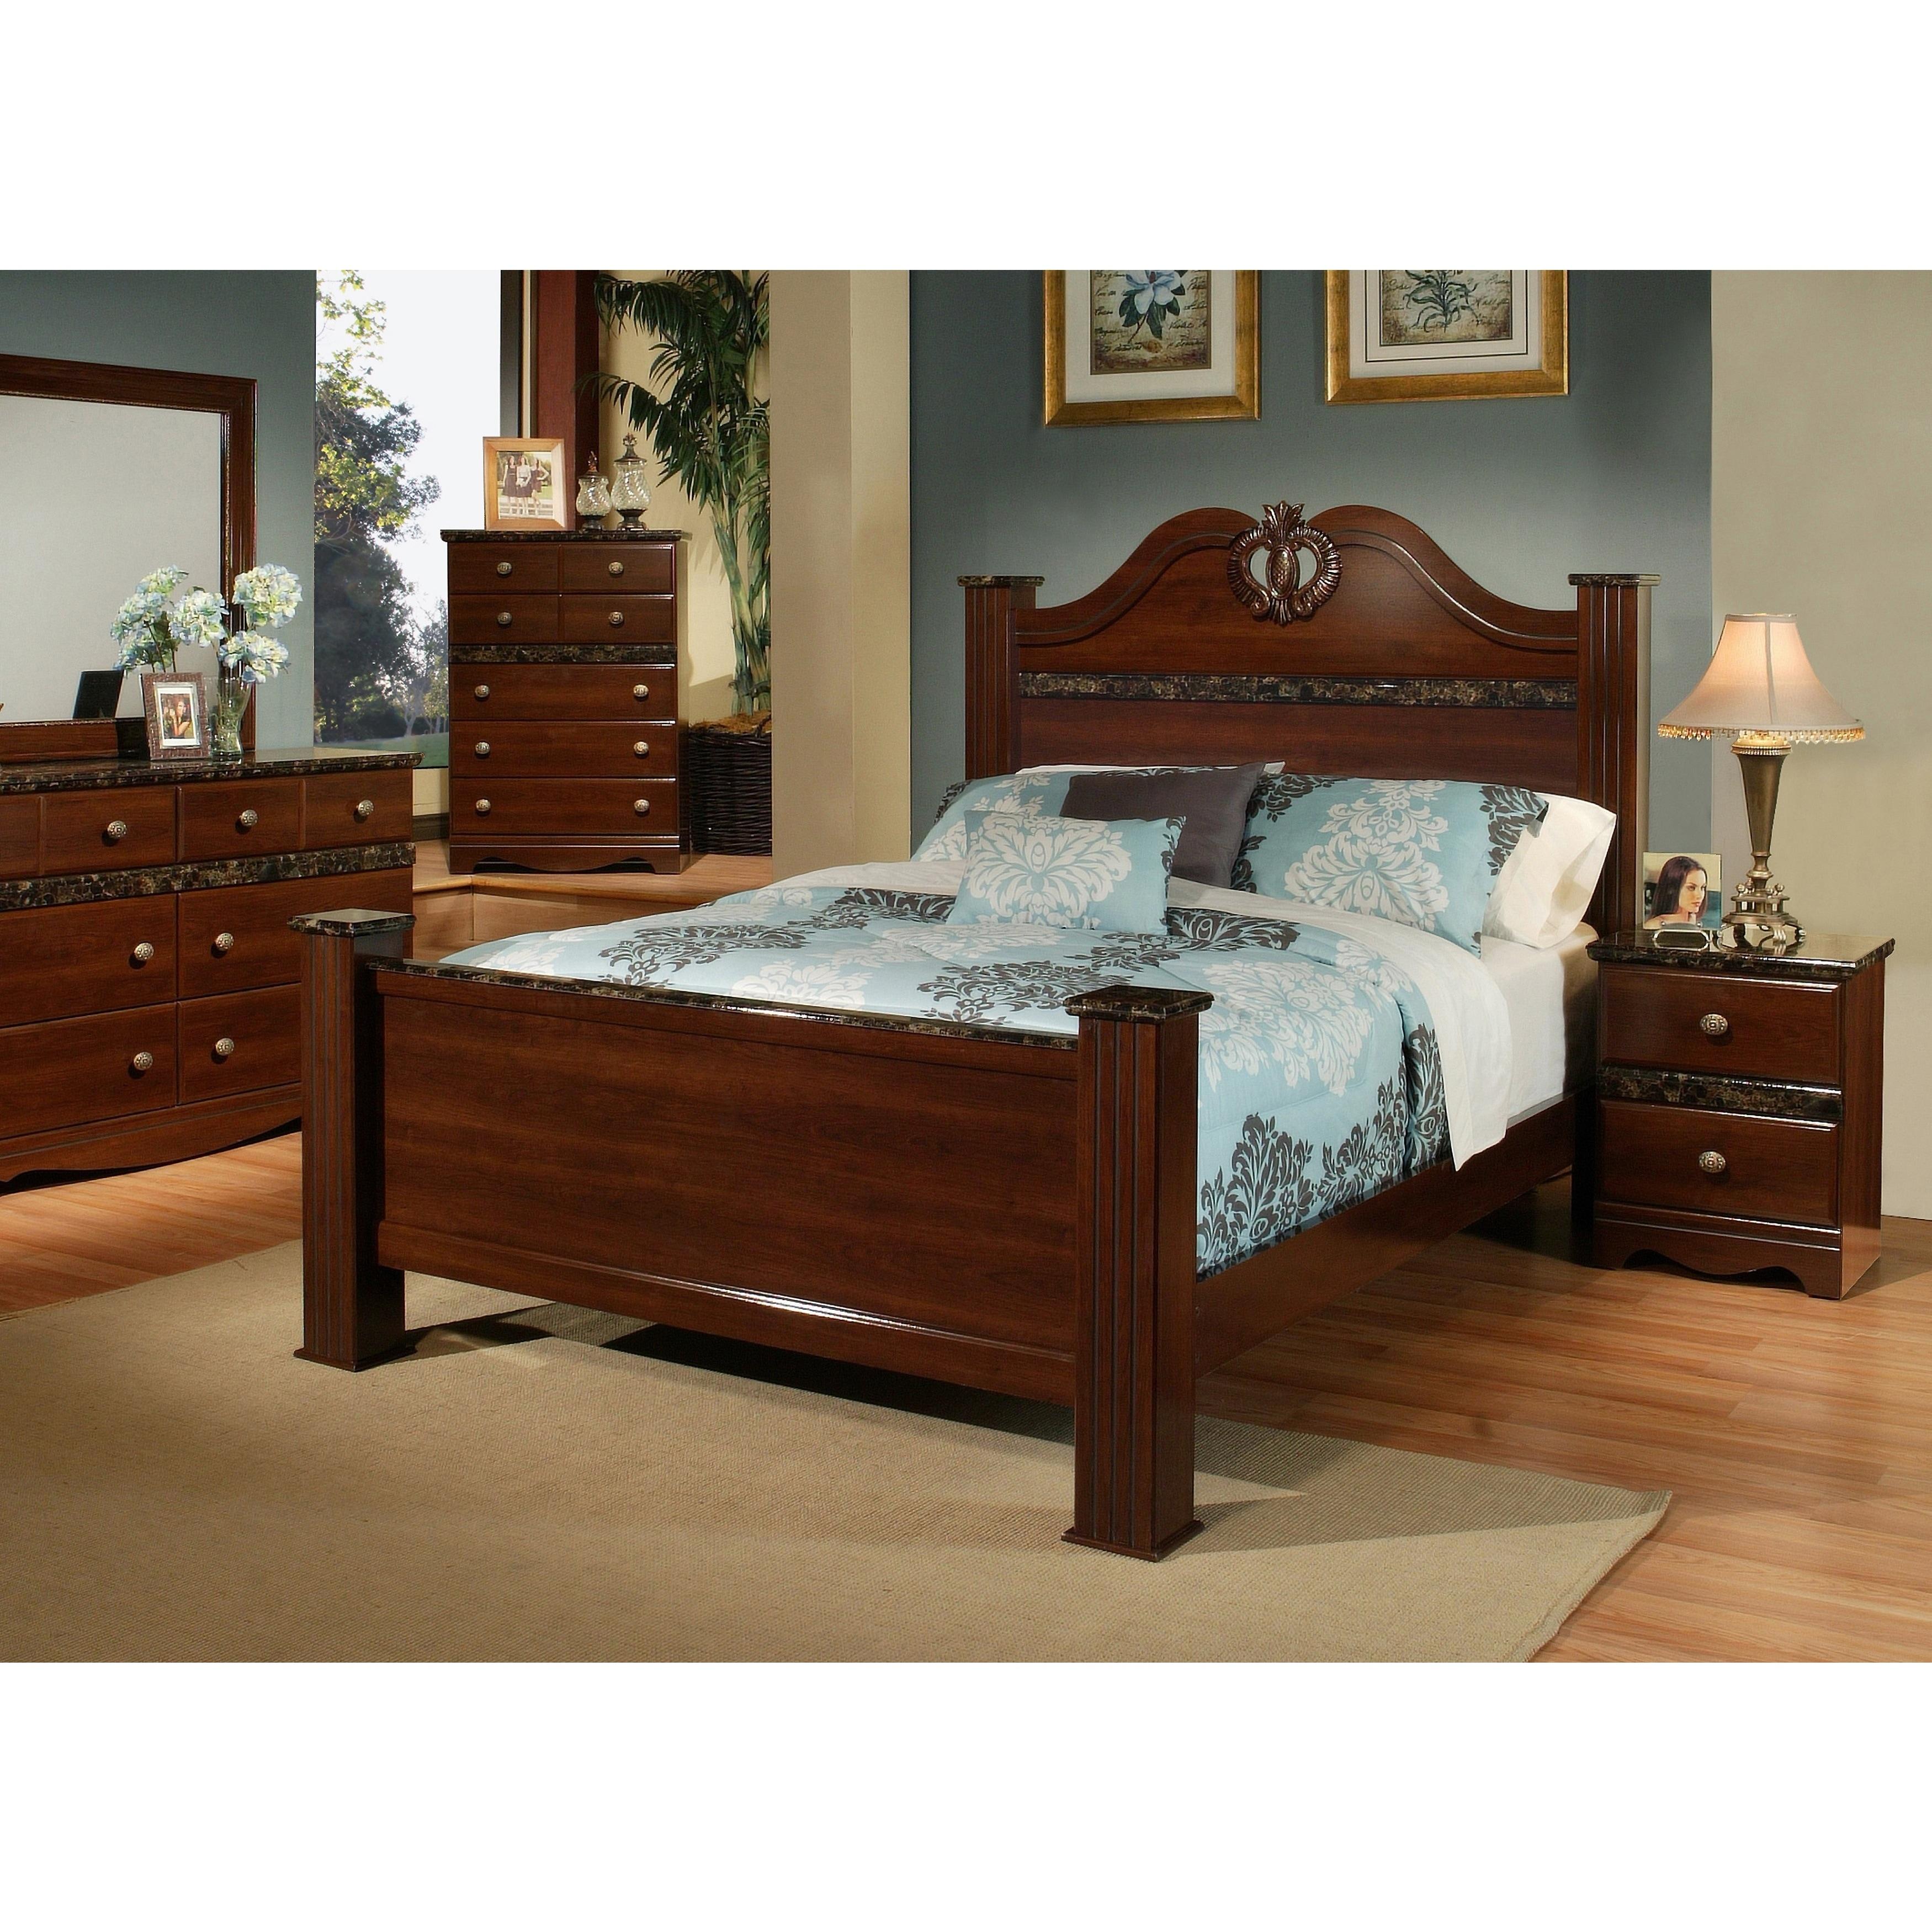 Sandberg Furniture Camden Two Nightstand Bedroom Set (Cal...